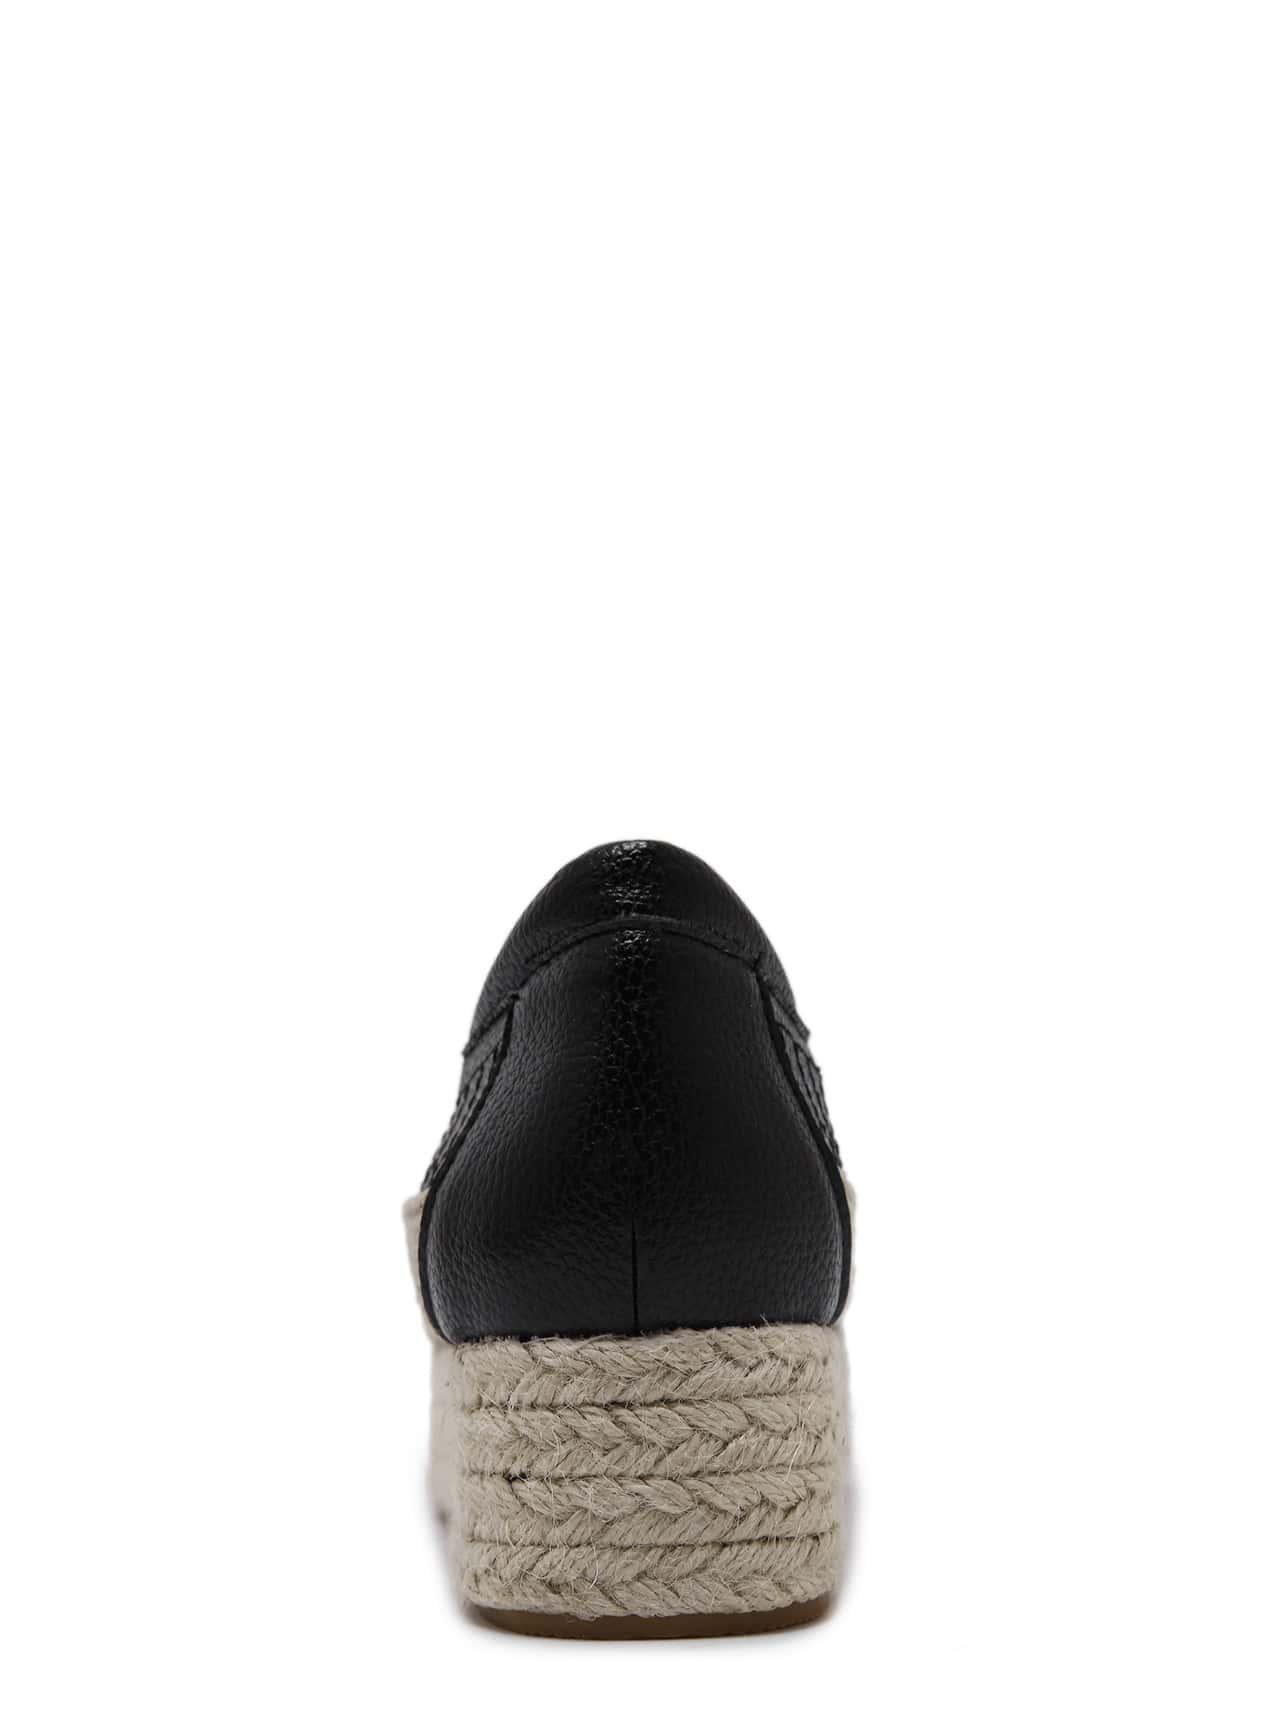 shoes160808816_2